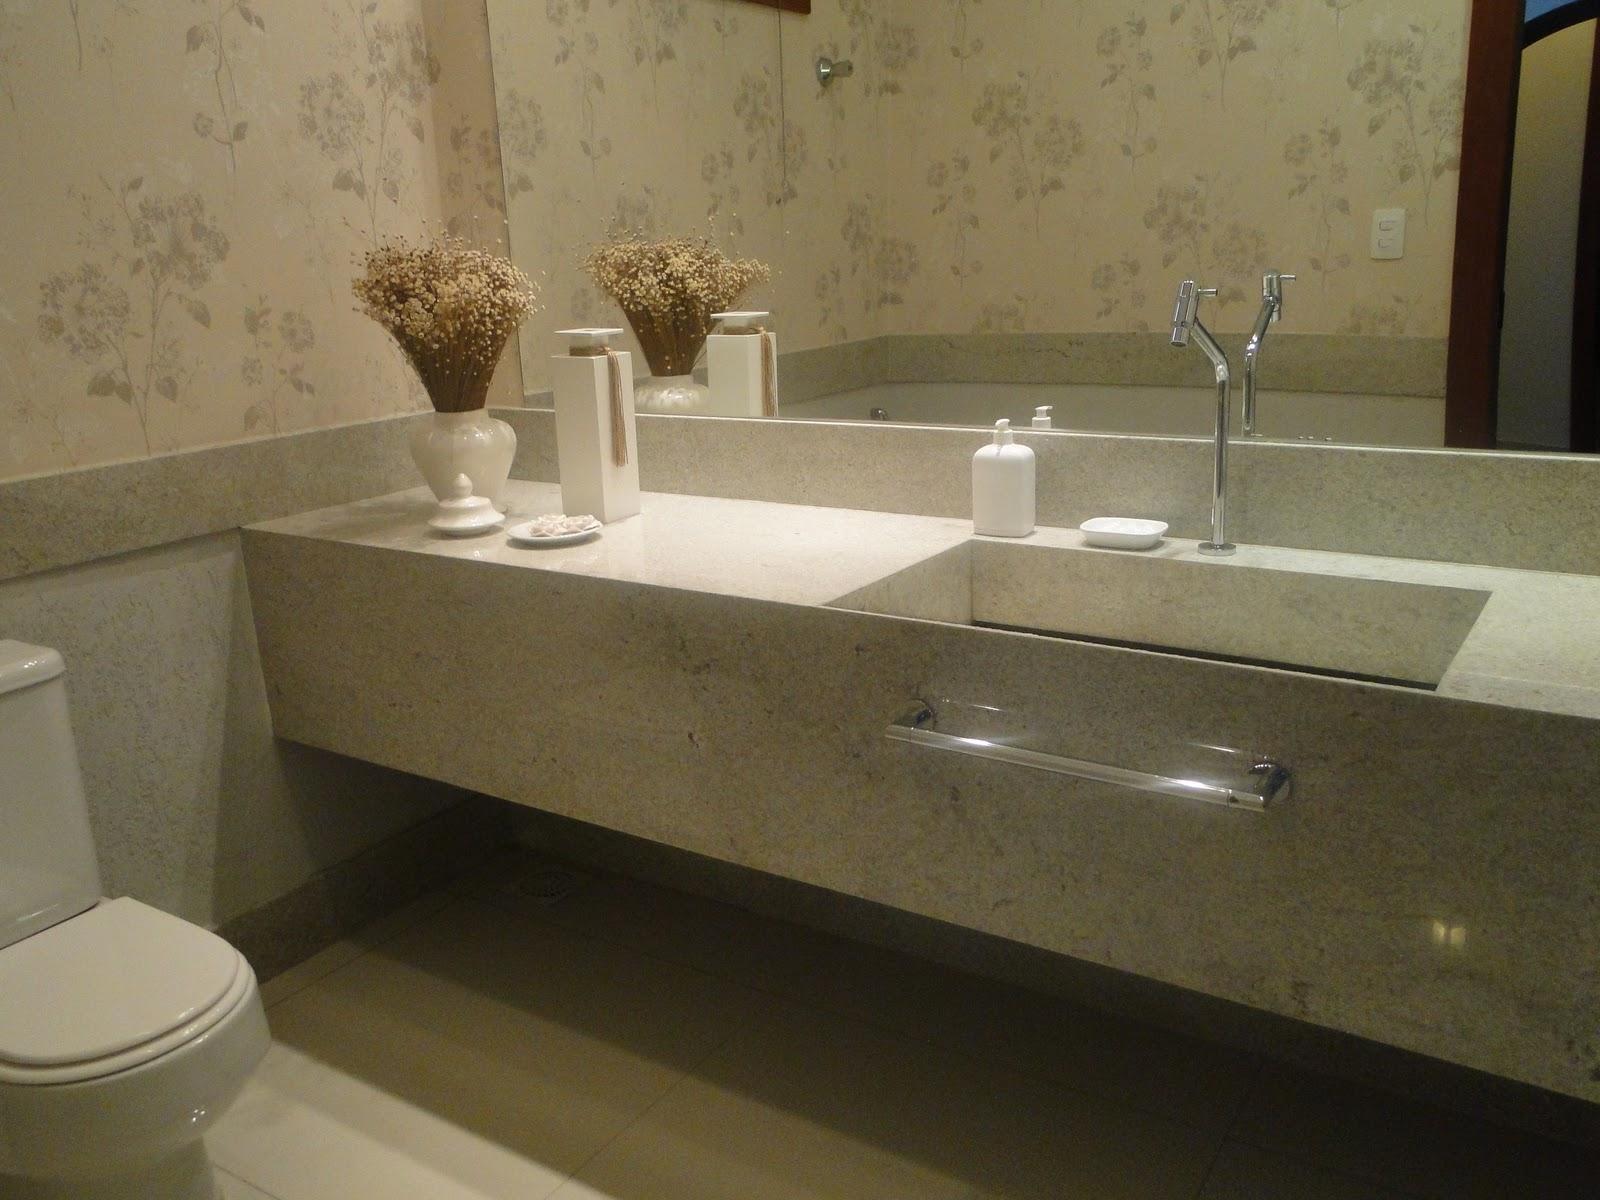 NV Arquitetura: Banheiros #29405C 1600 1200